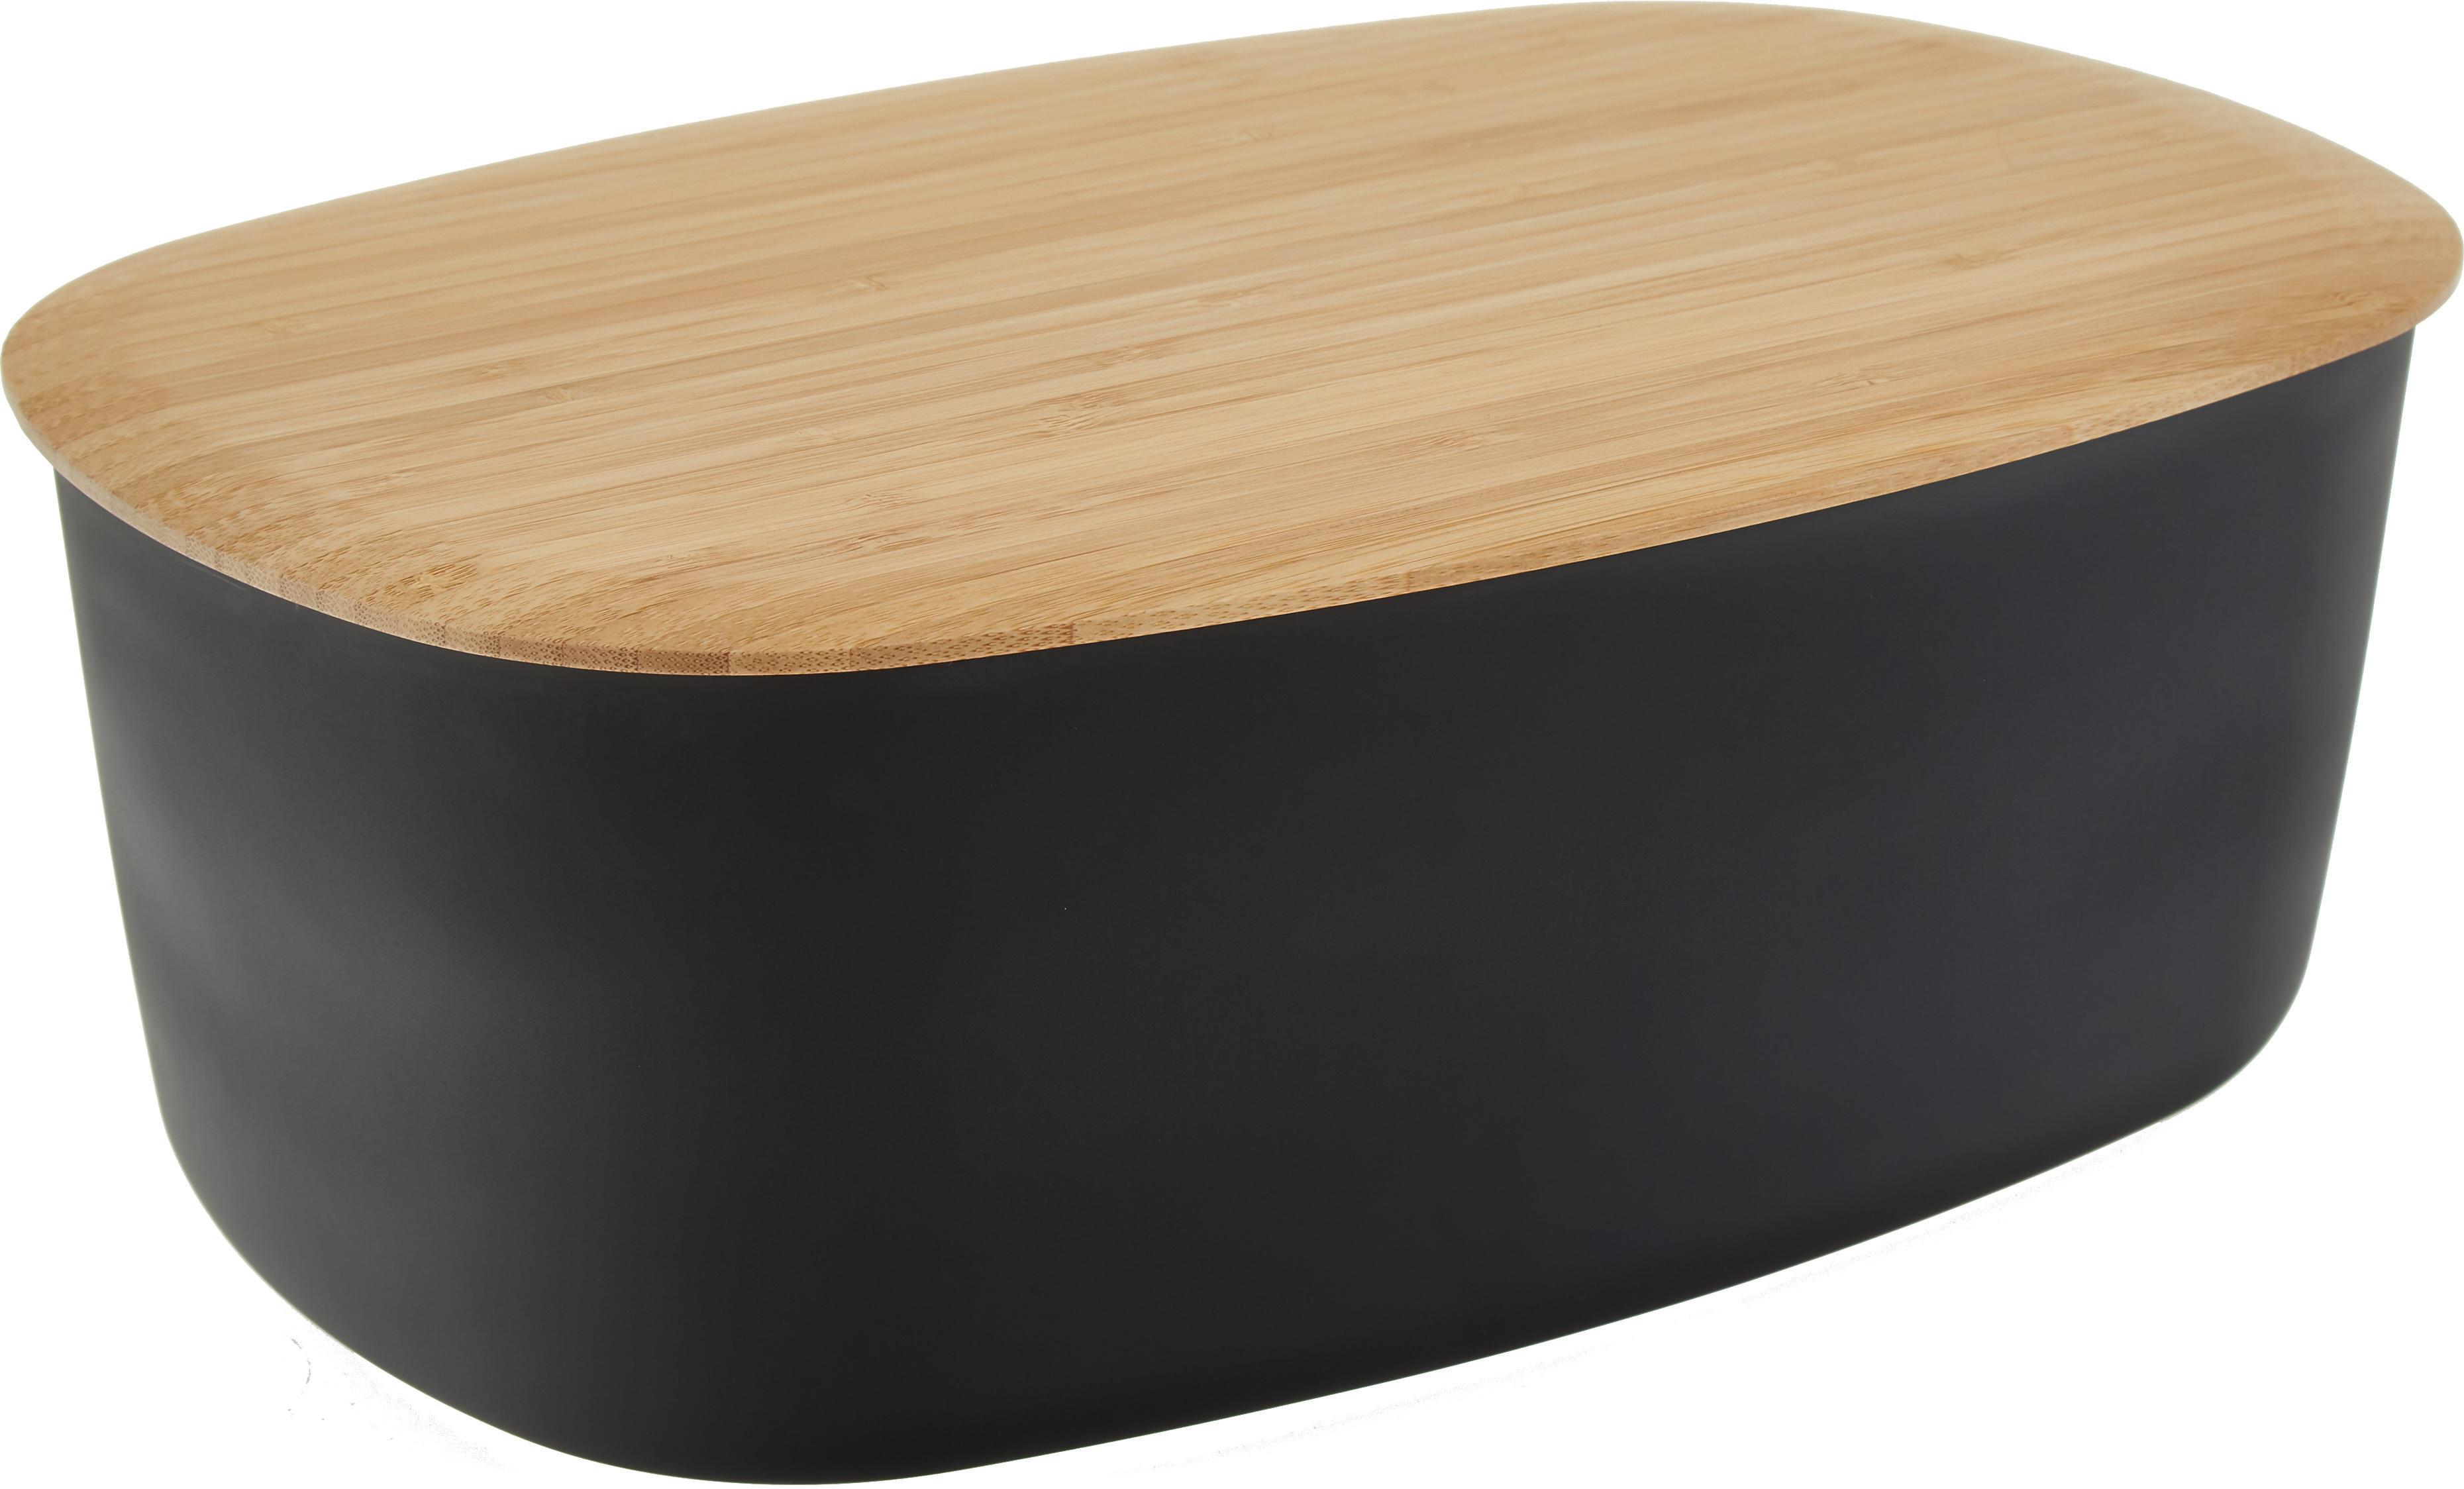 Designer Brotkasten Box-It mit Bambusdeckel, Dose: Melamin, Deckel: Bambus, Dose: Schwarz<br>Deckel: Braun, 35 x 12 cm